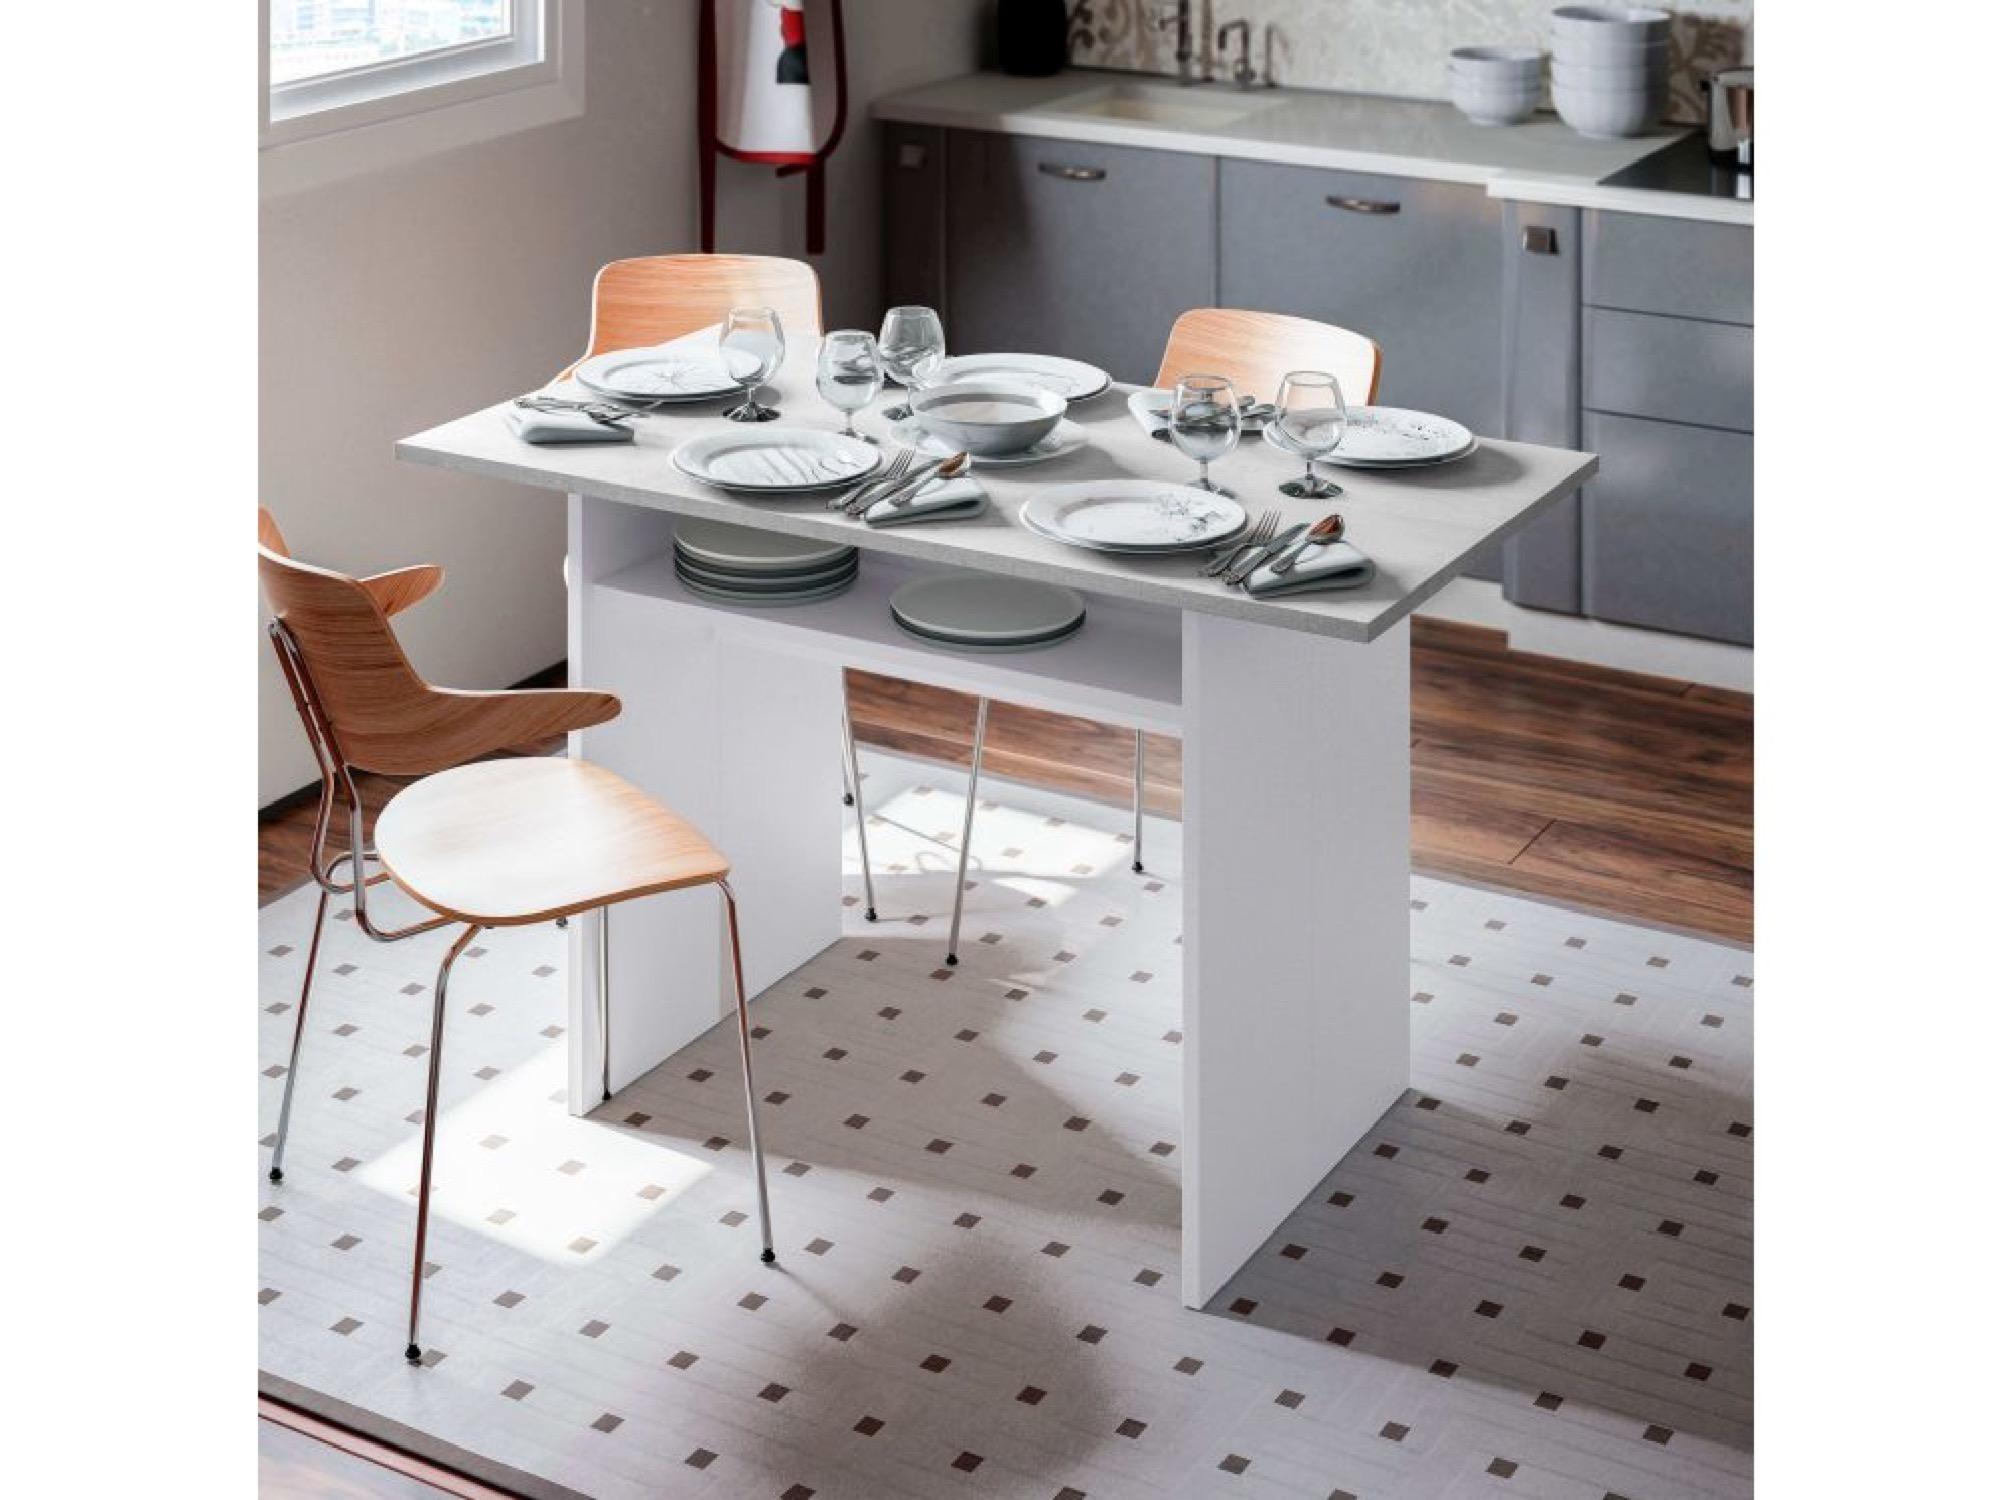 Table auxiliaire blanche/béton extensible L120 x P35/70cm